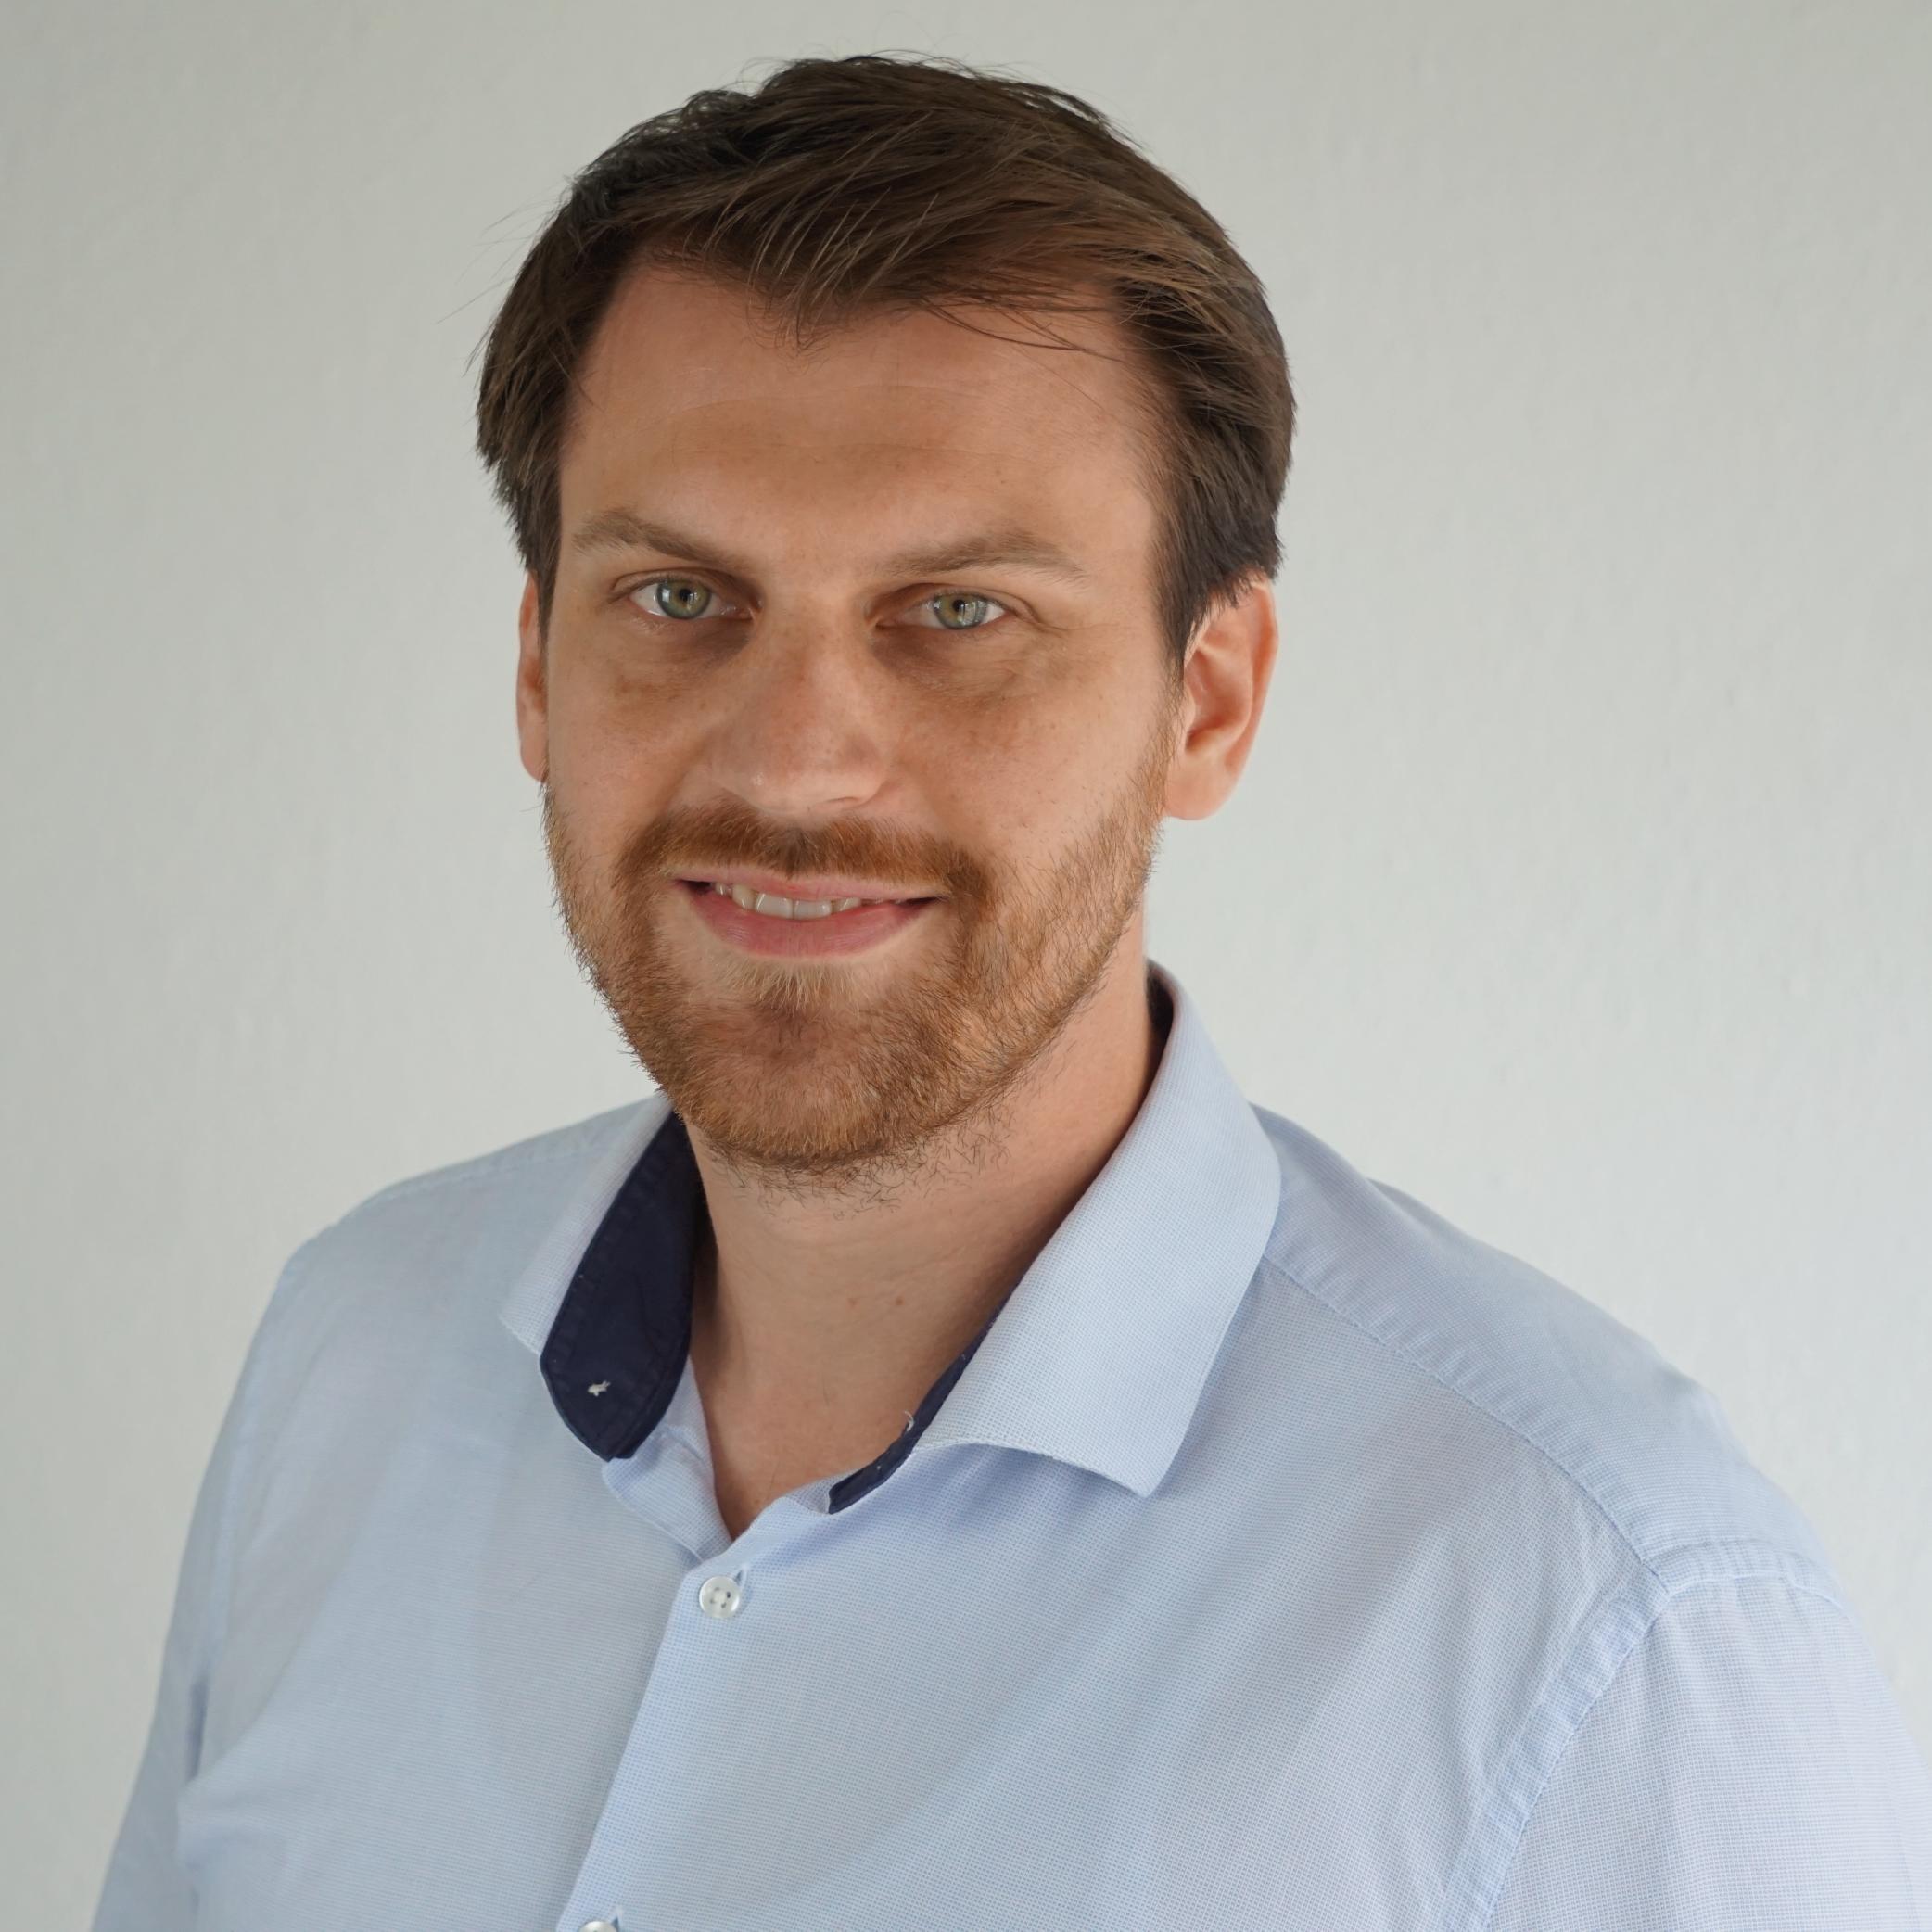 Marko Horvat